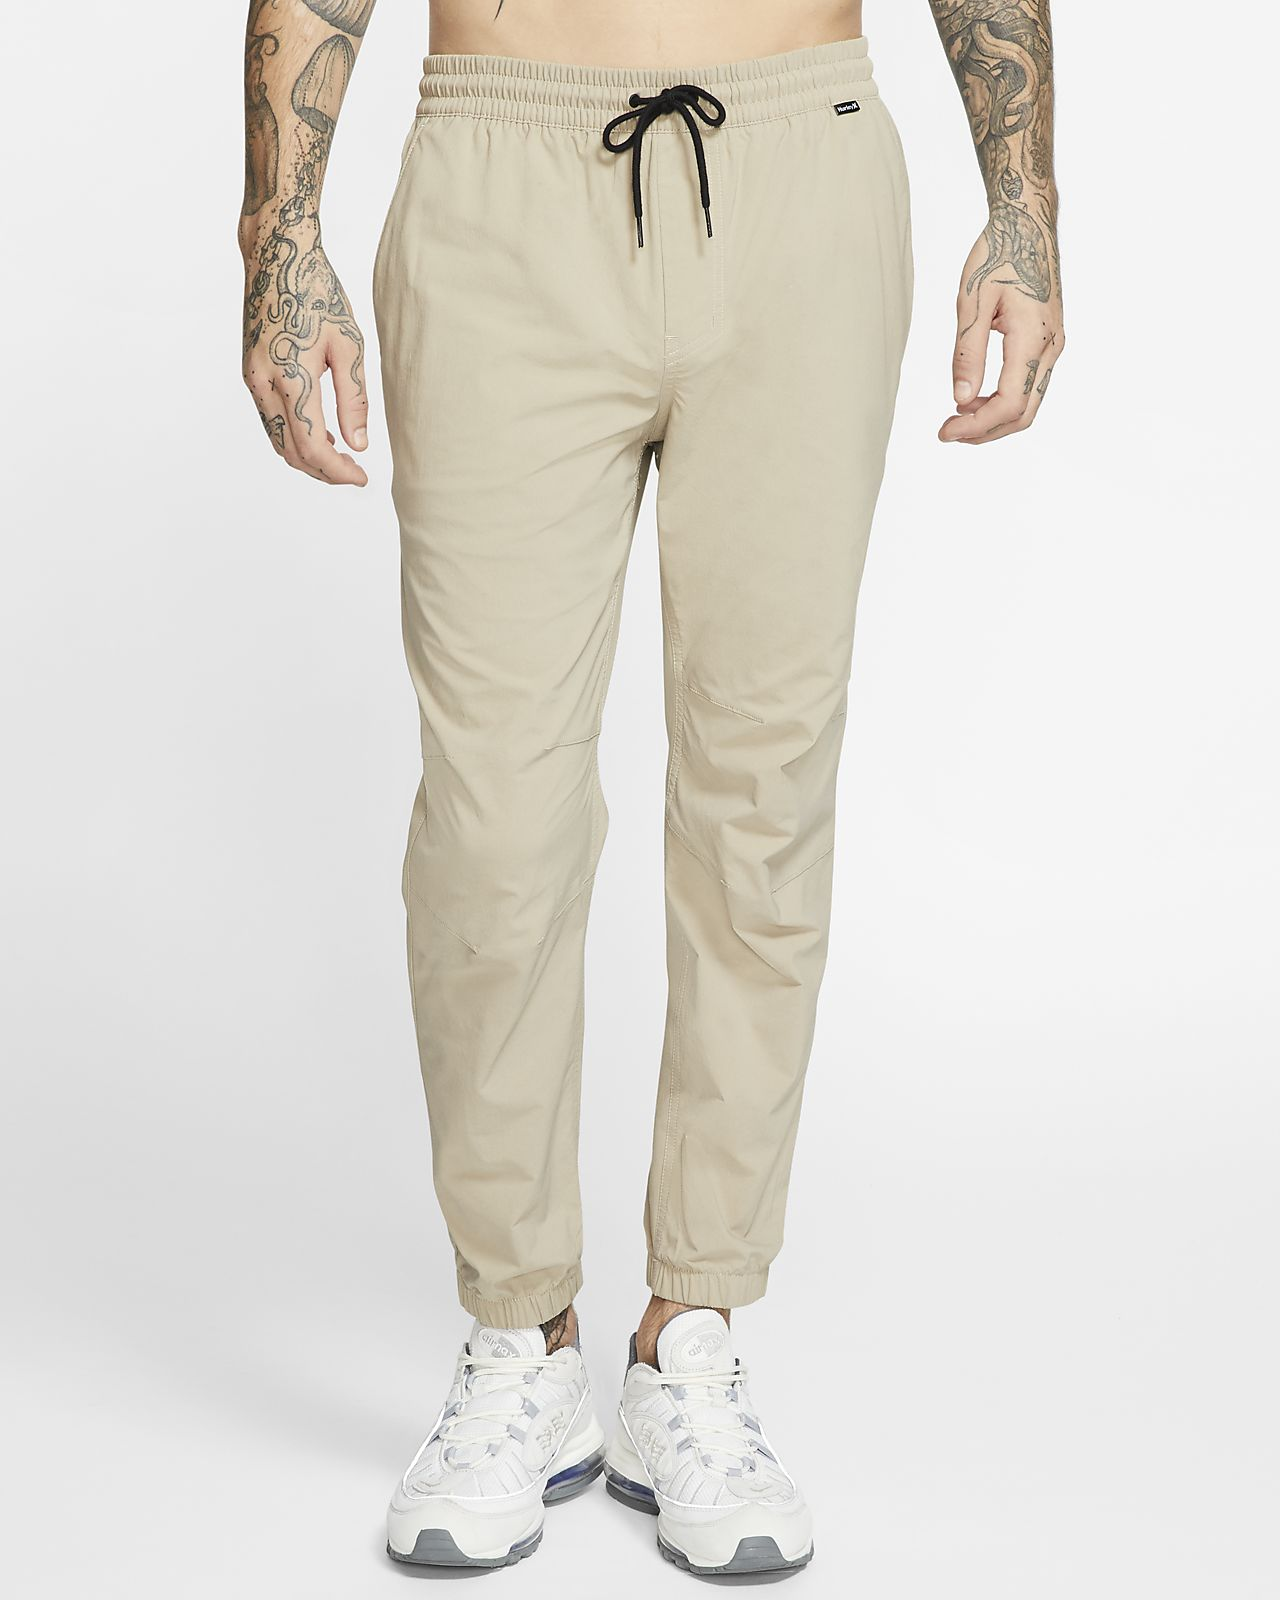 Pánské běžecké kalhoty Hurley Dri-FIT